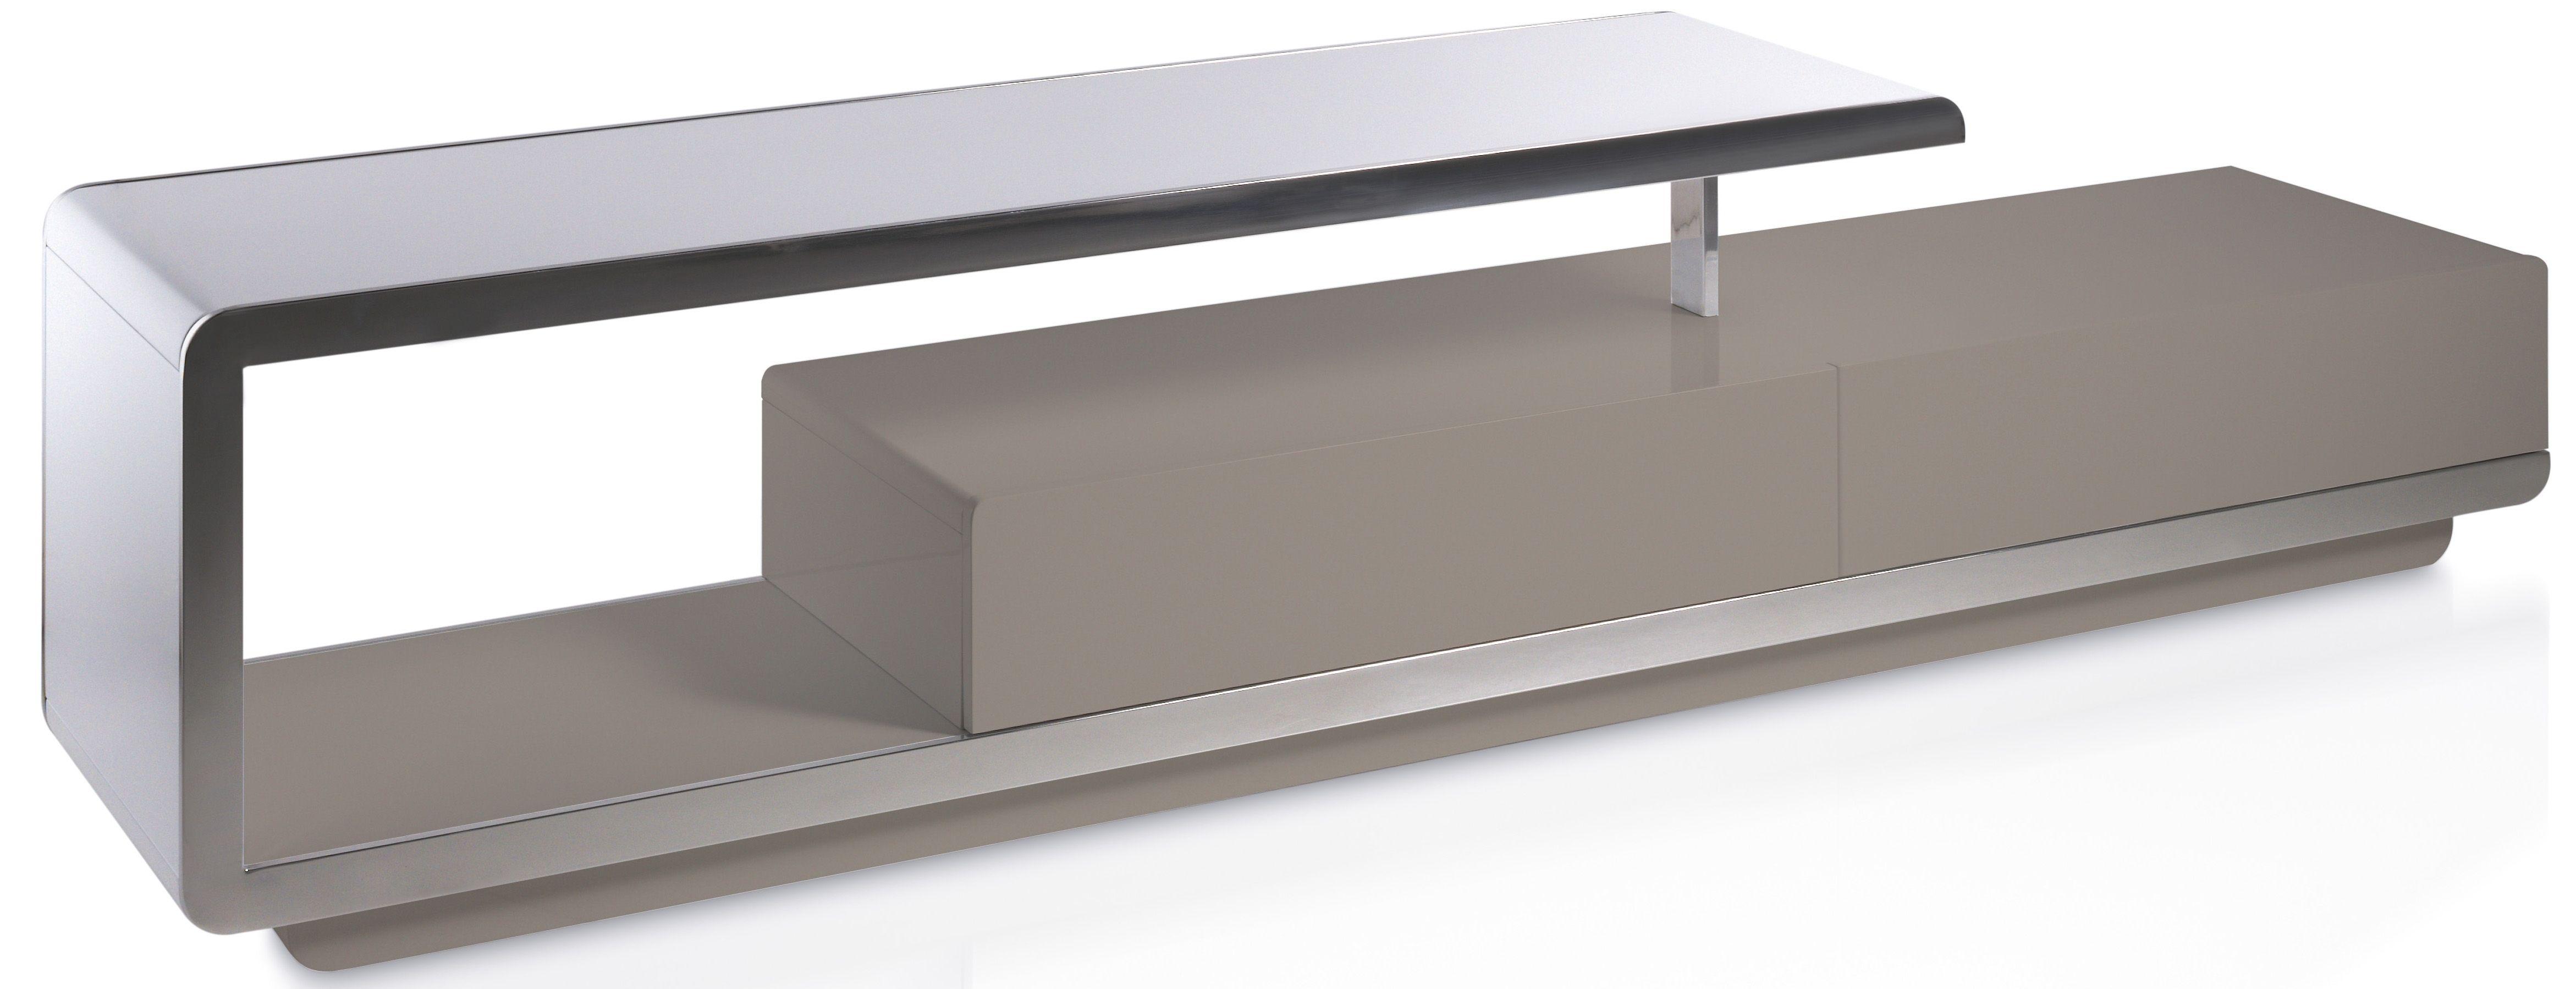 Meuble Tv Design 2 Tiroirs Bois Laque Taupe Et Acier Chrome Modena Meuble Tv Meuble Tv Design Meuble